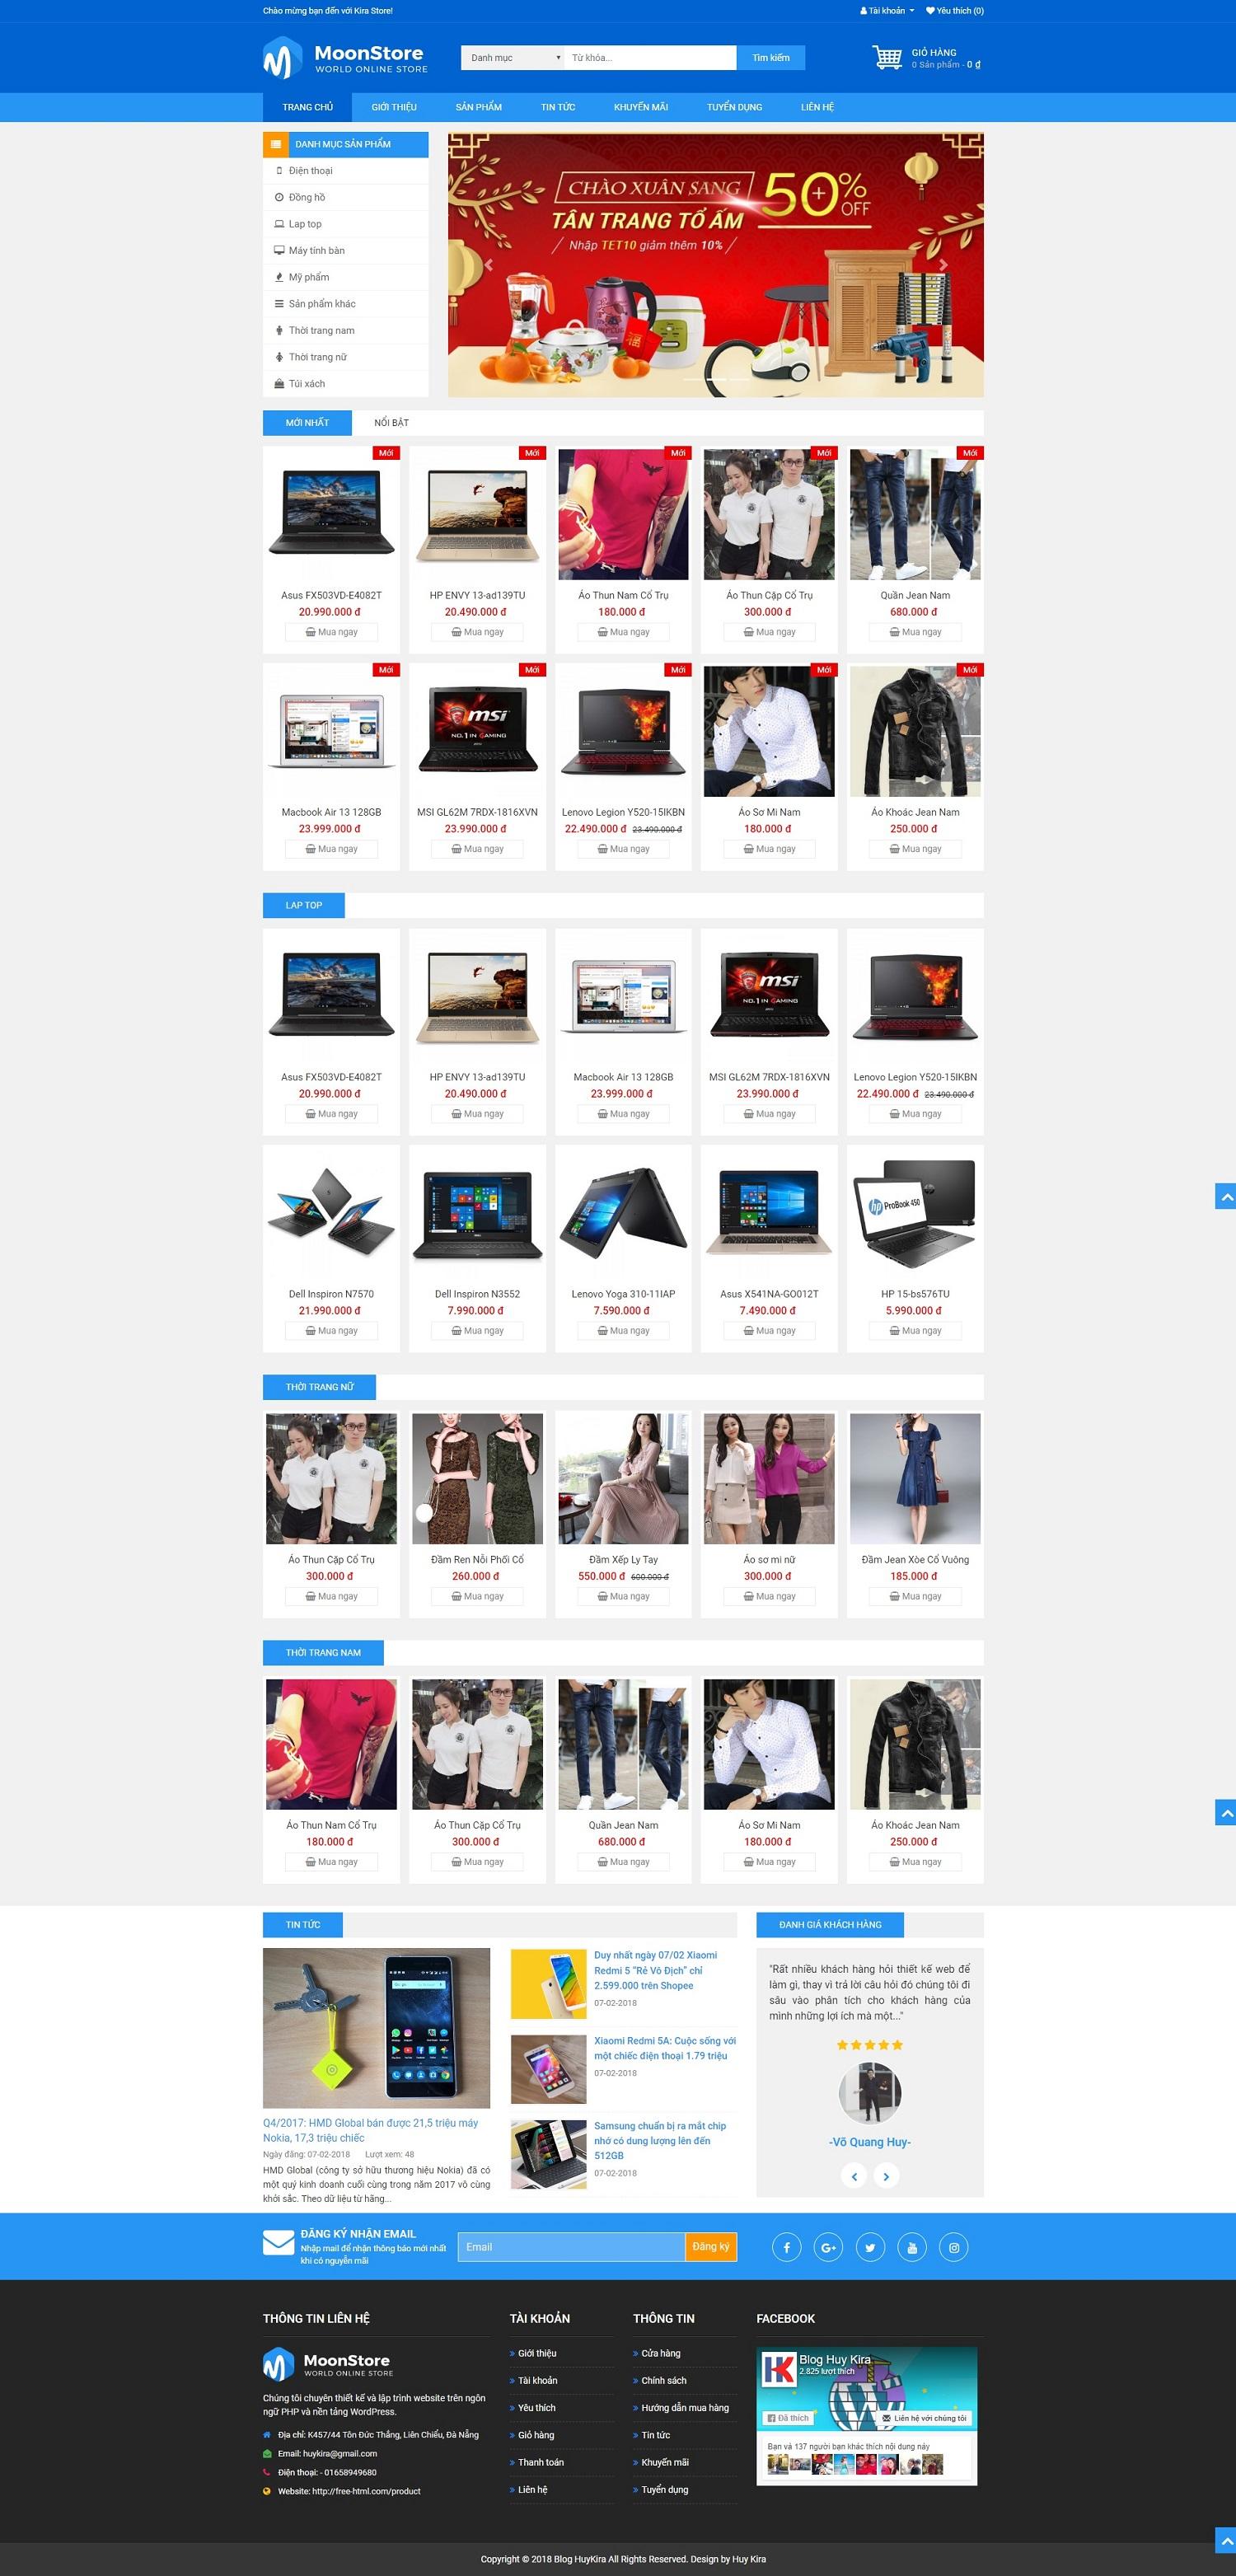 Mẫu web bán hàng chuẩn seo